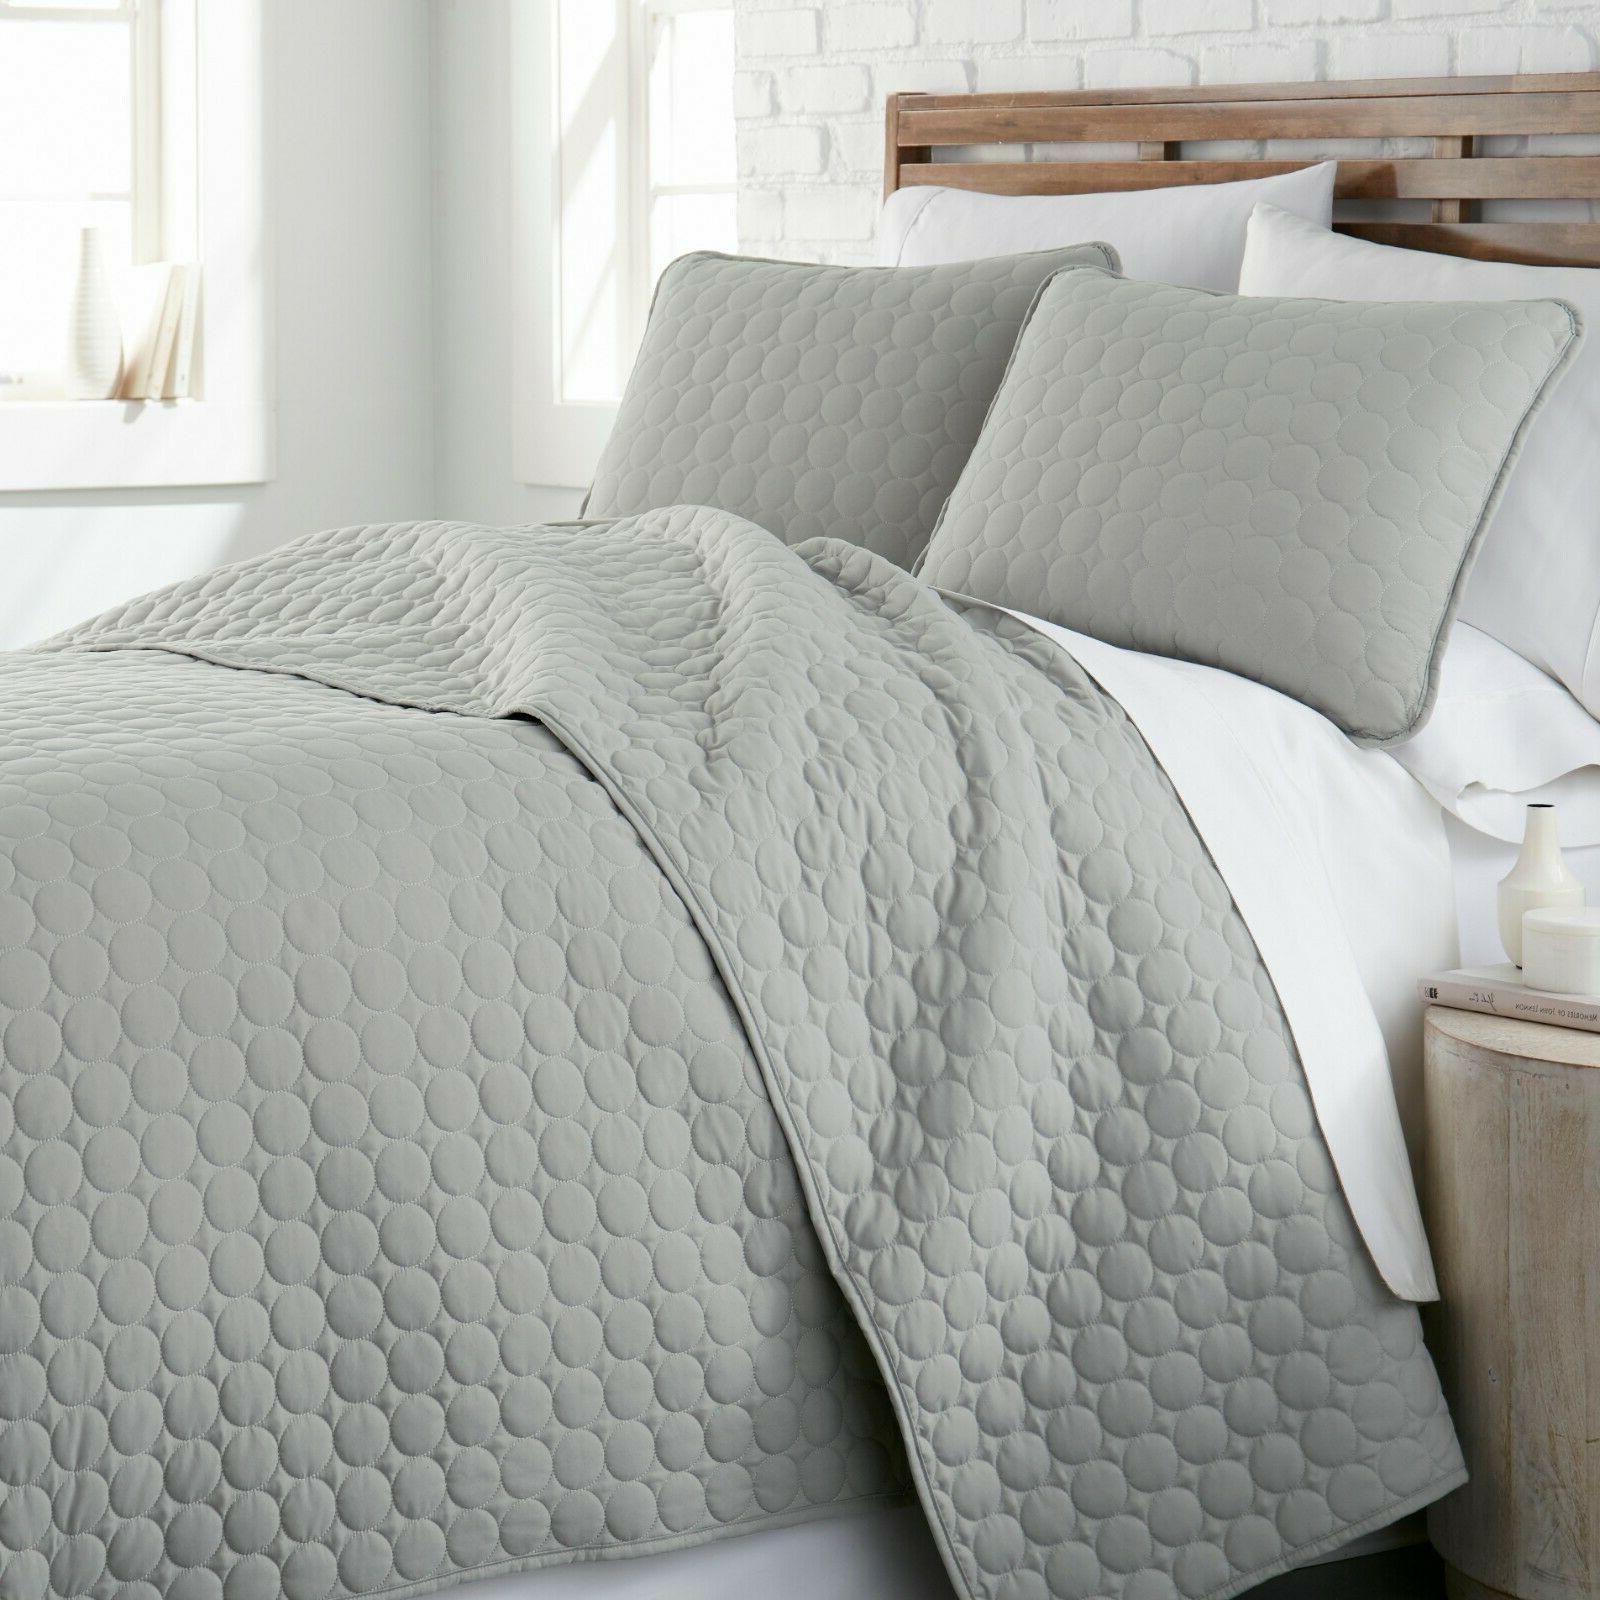 Ultra Soft Stitched 3-Piece Quilt Southshore Fine Linens